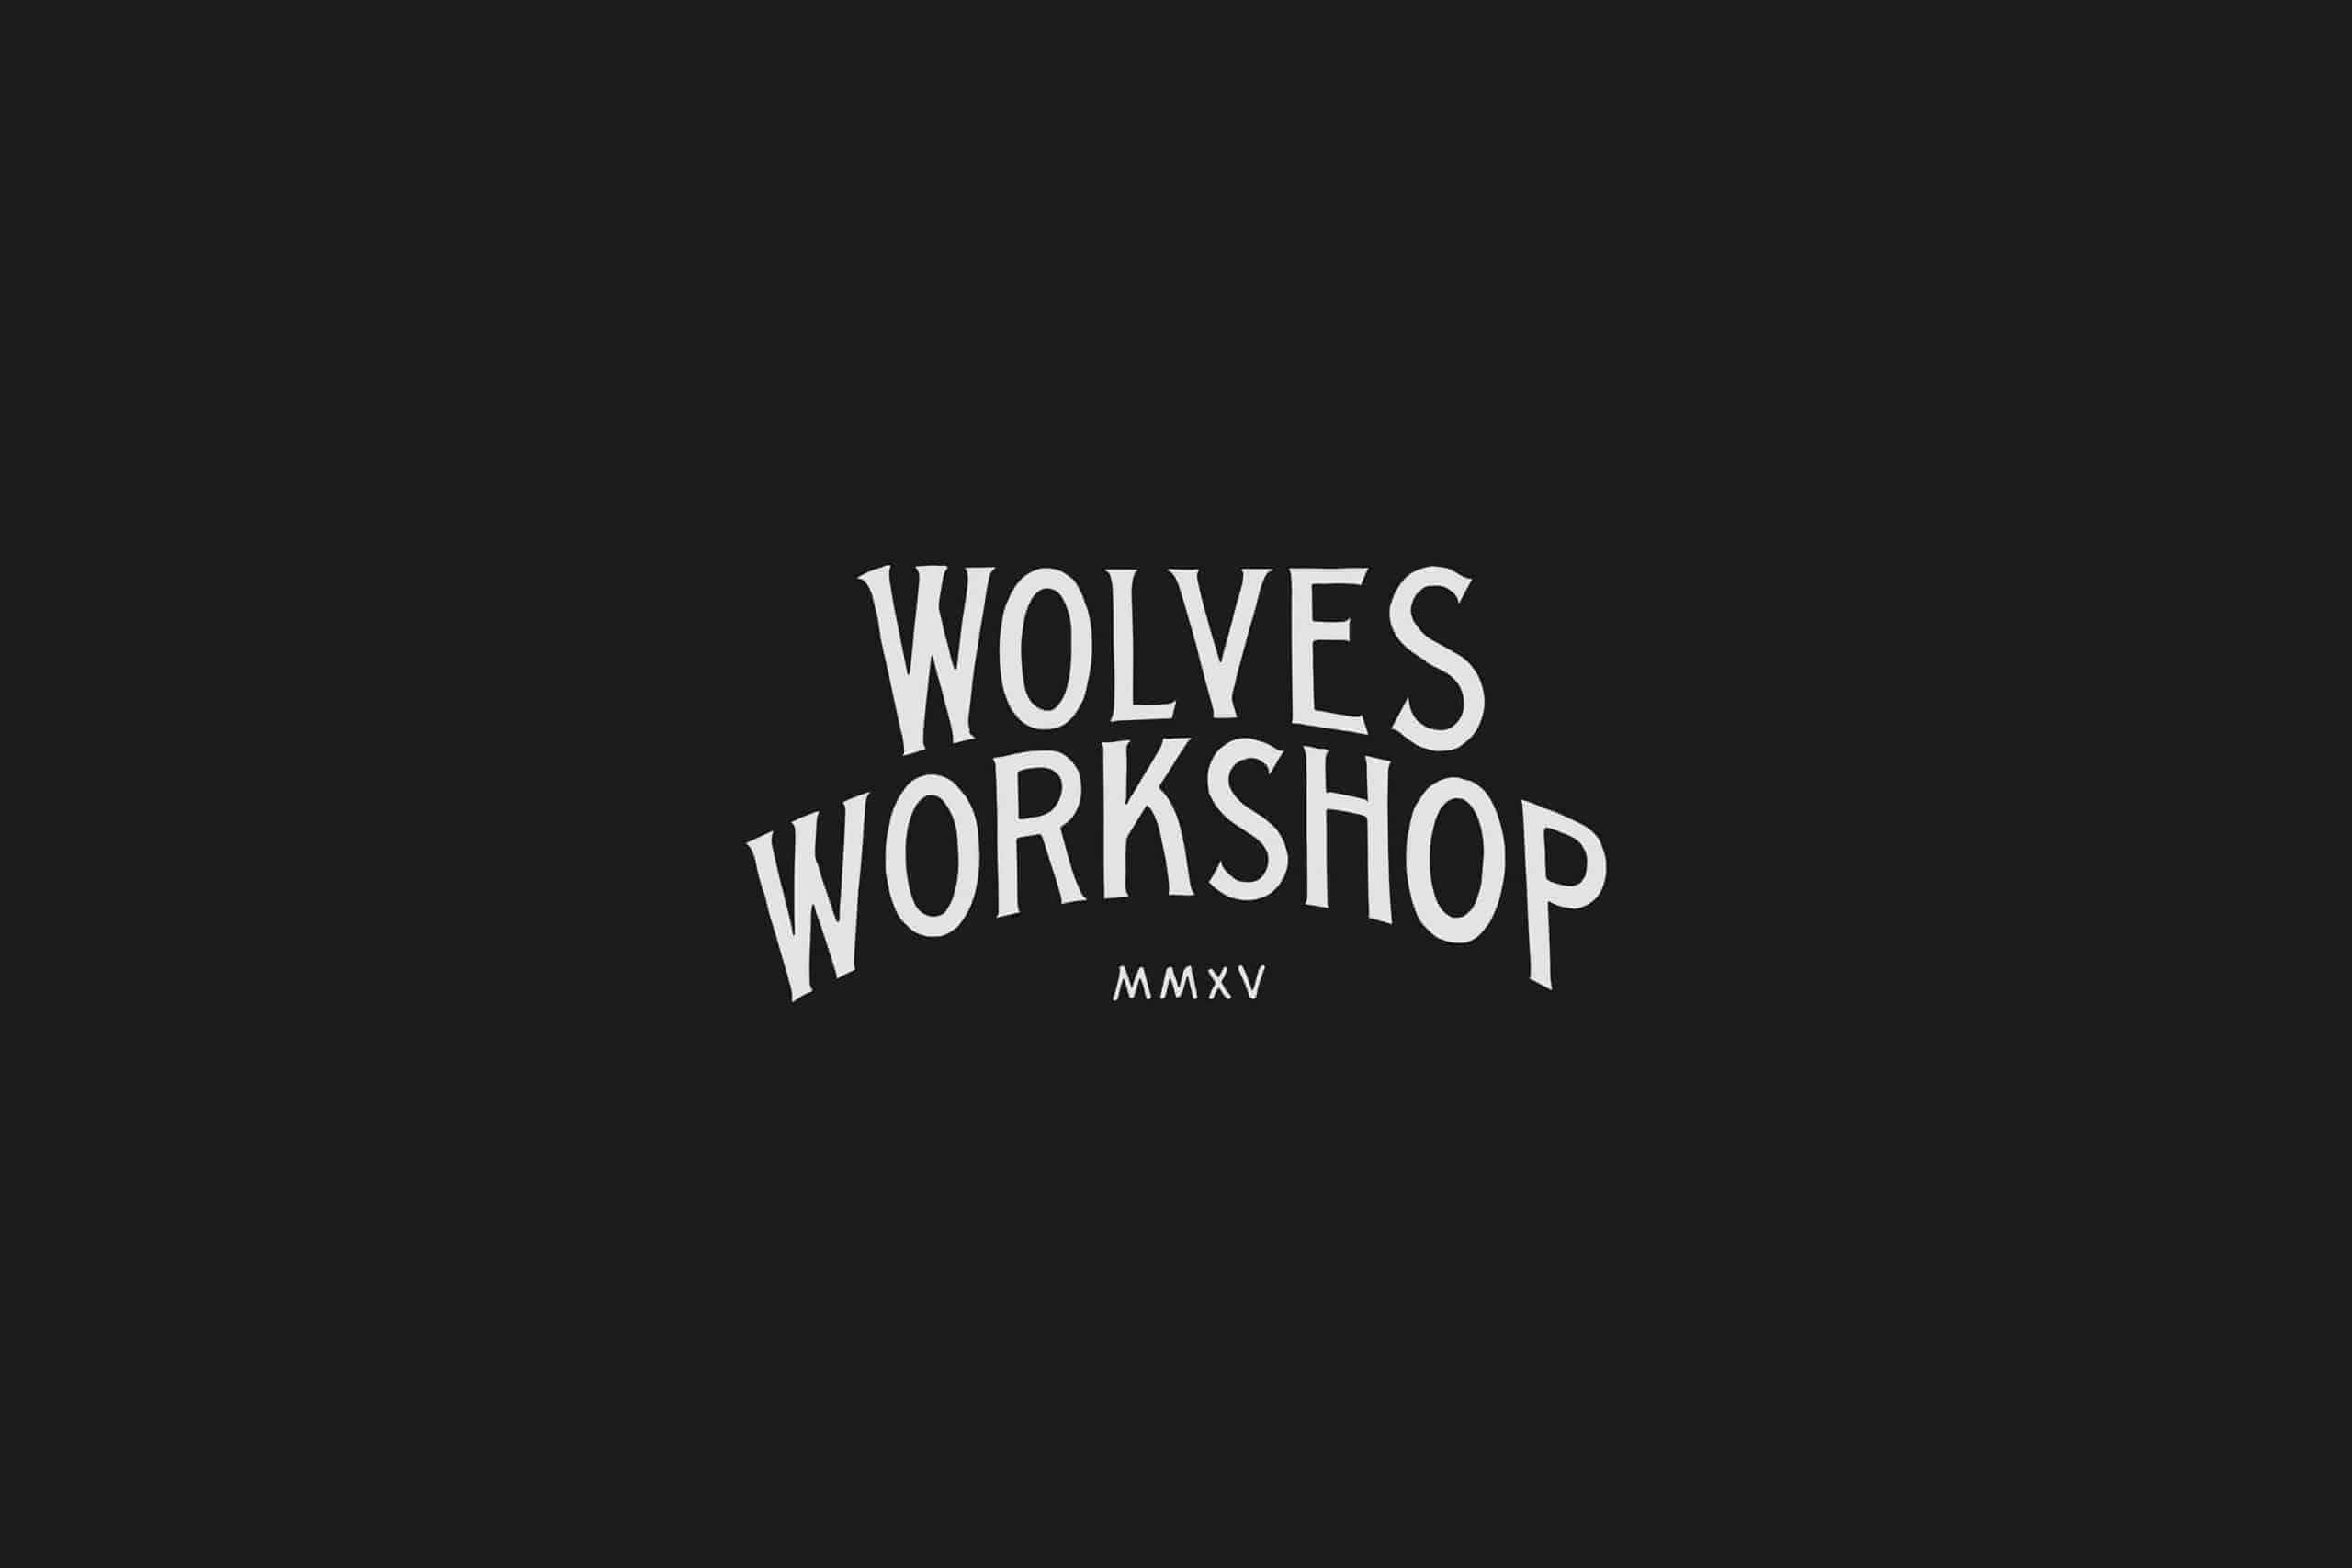 The Wolves Workshop